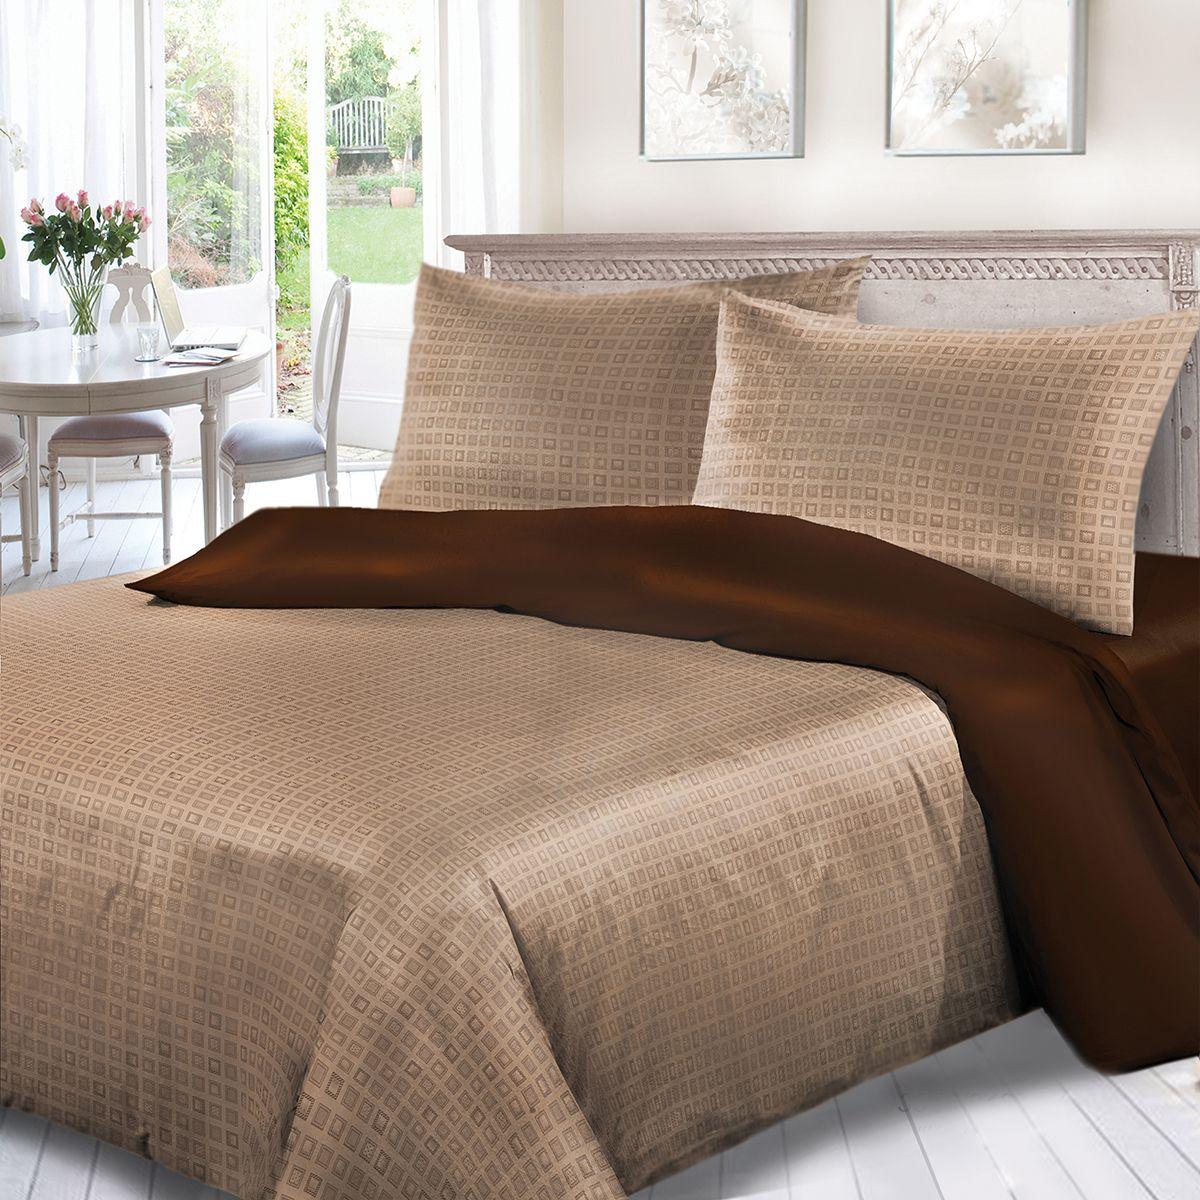 Комплект белья Сорренто Капитолий, евро, наволочки 70x70, цвет: коричневый. 3556-280271